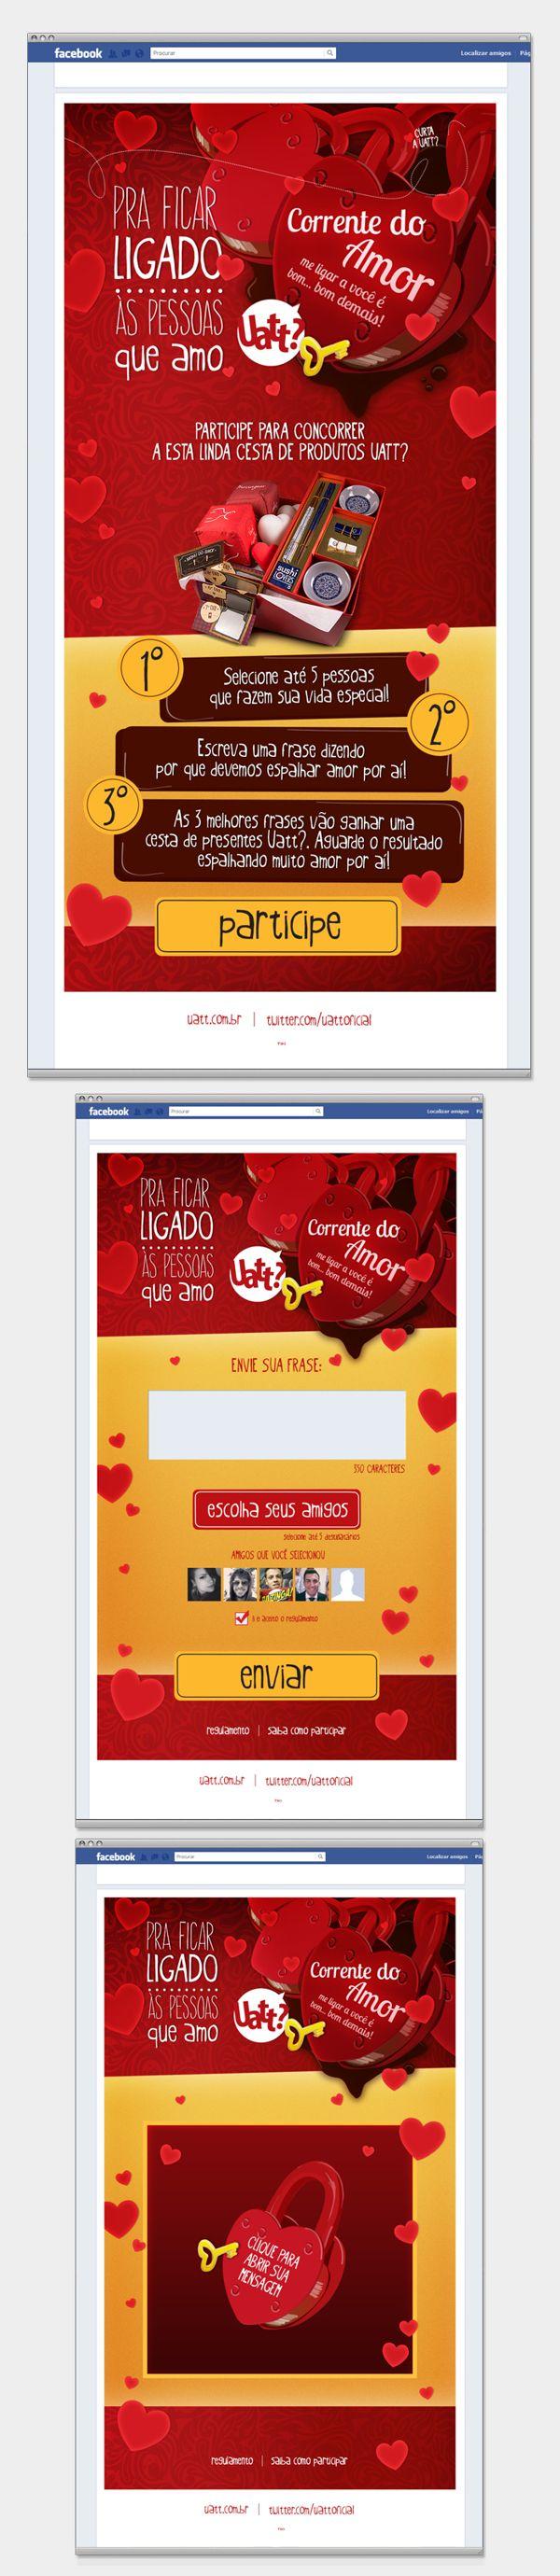 Uatt? - Aplicativo no Facebook do dia dos namorados on Behance